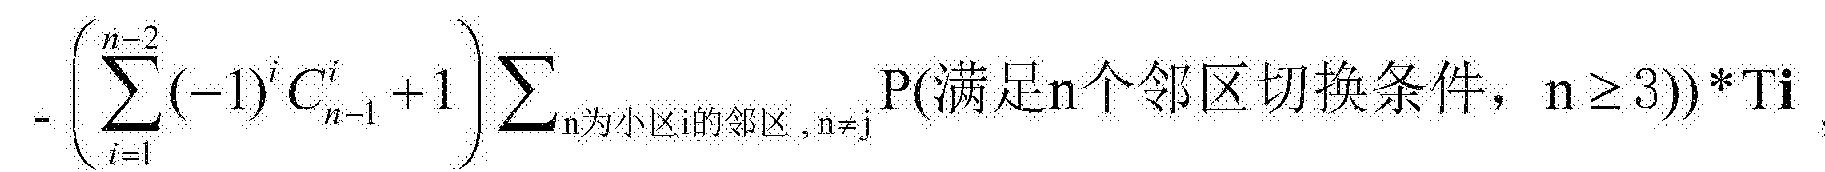 Figure CN104219707BC00051